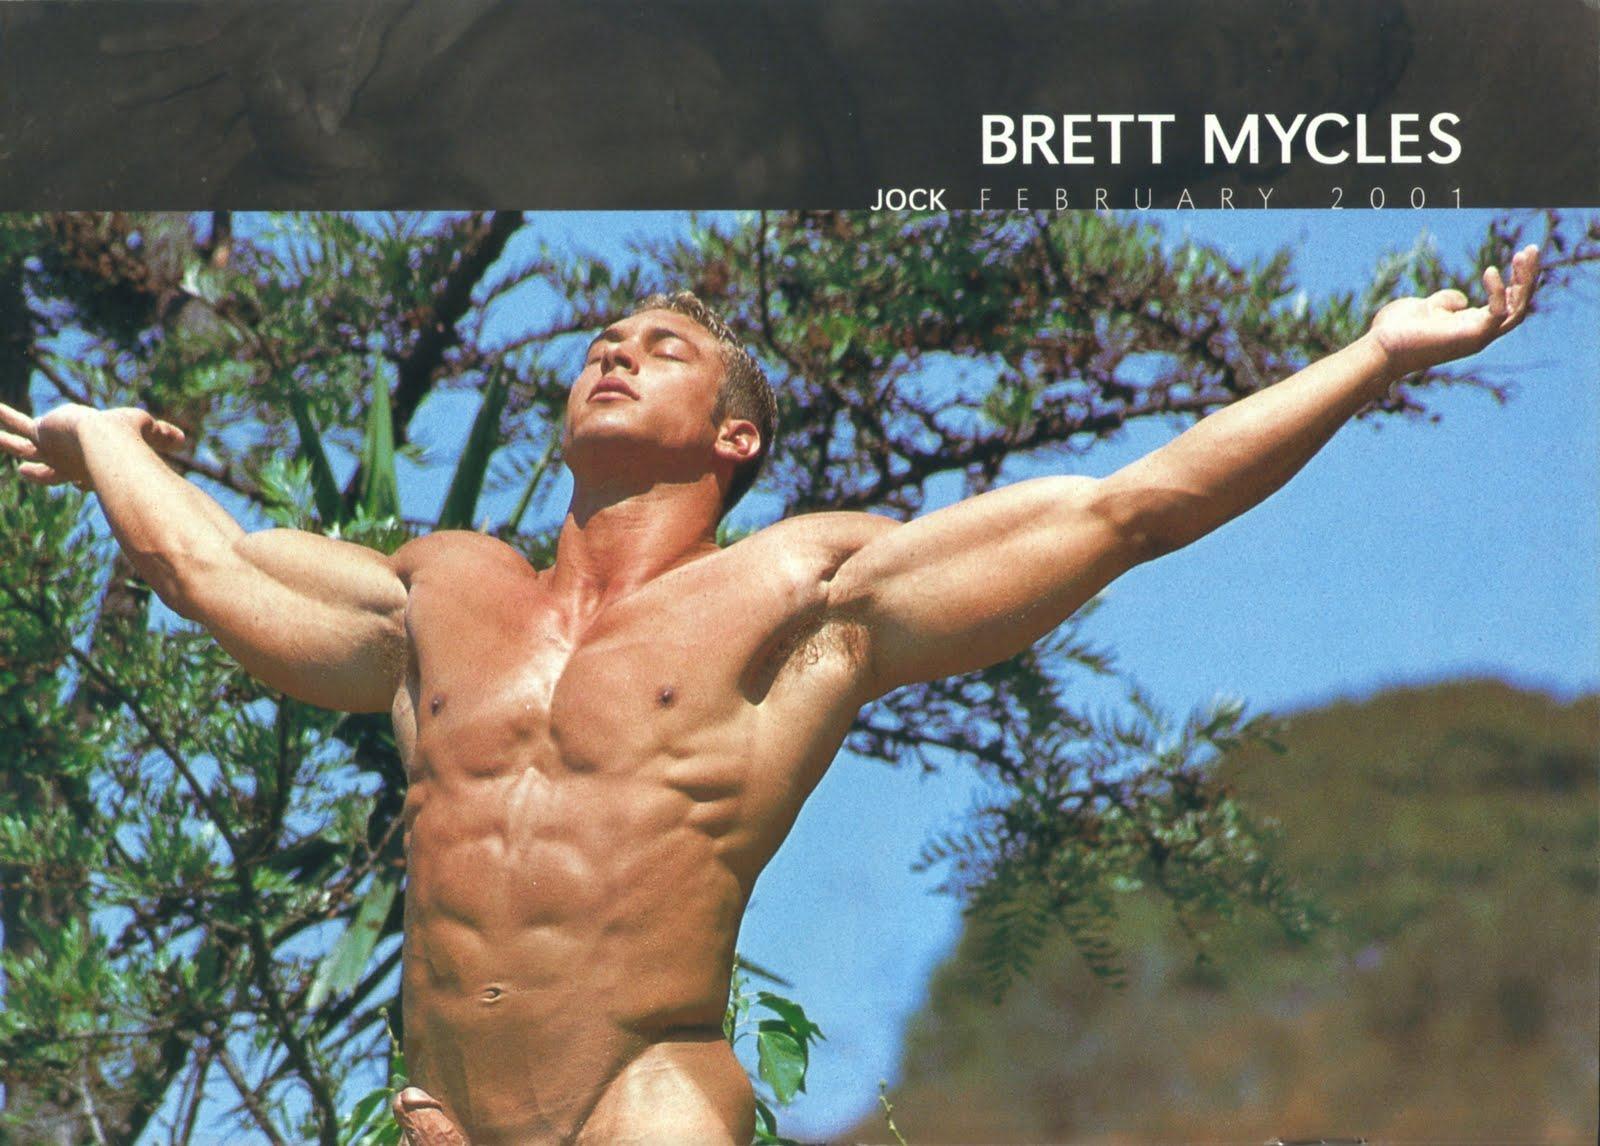 brett clip gay mycles